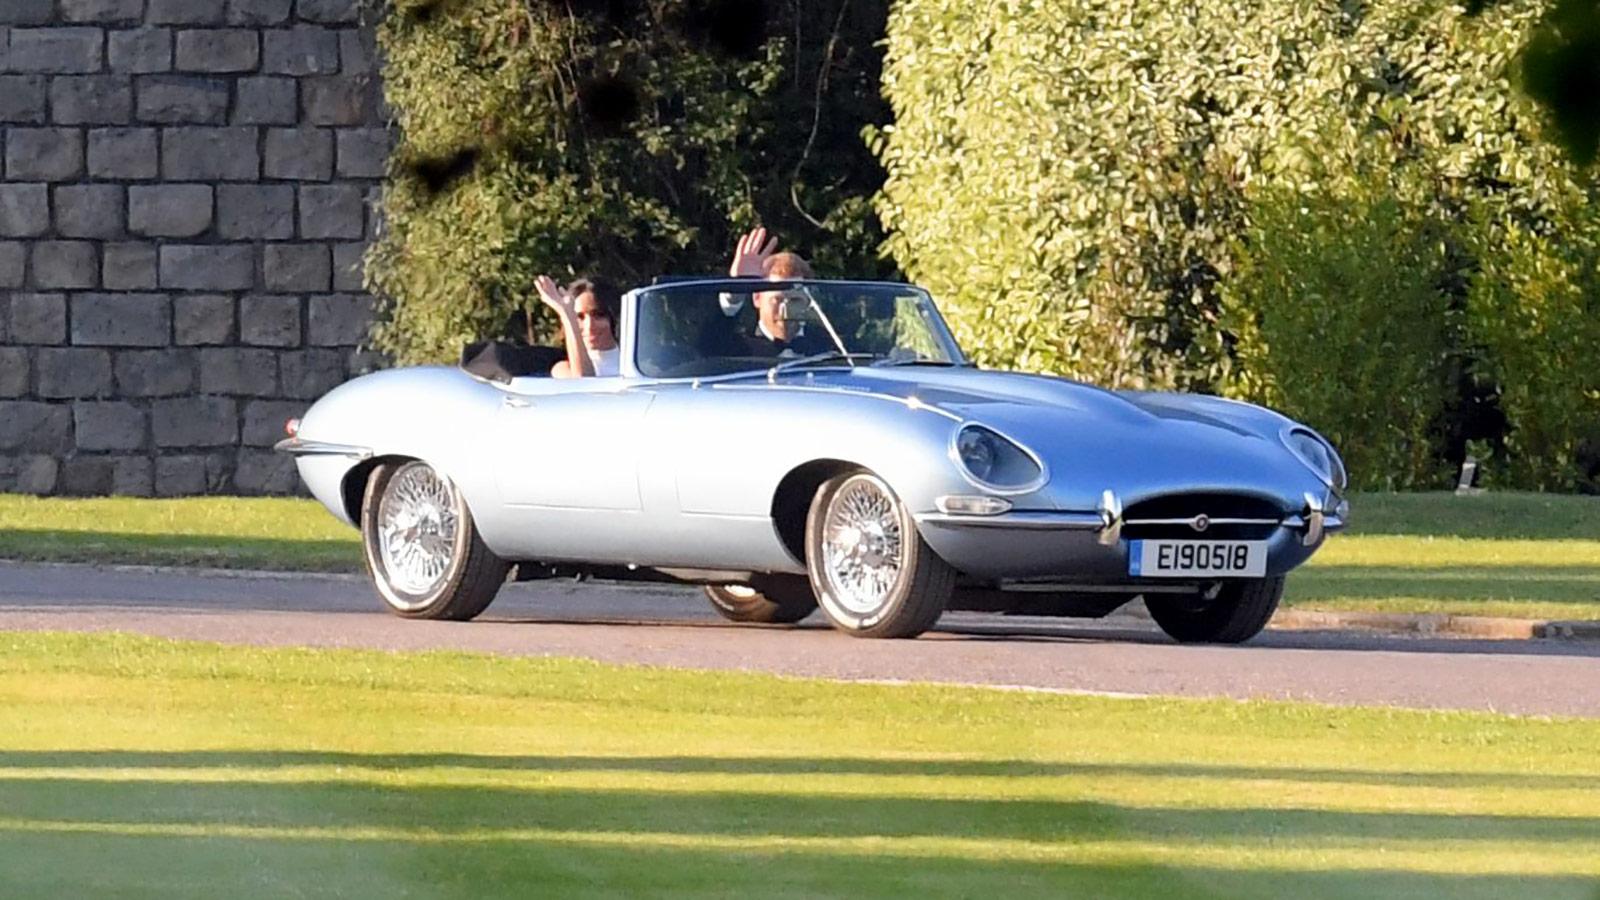 Свадьба принца Гарри: молодожены выбрали уникальный электрокар Jaguar